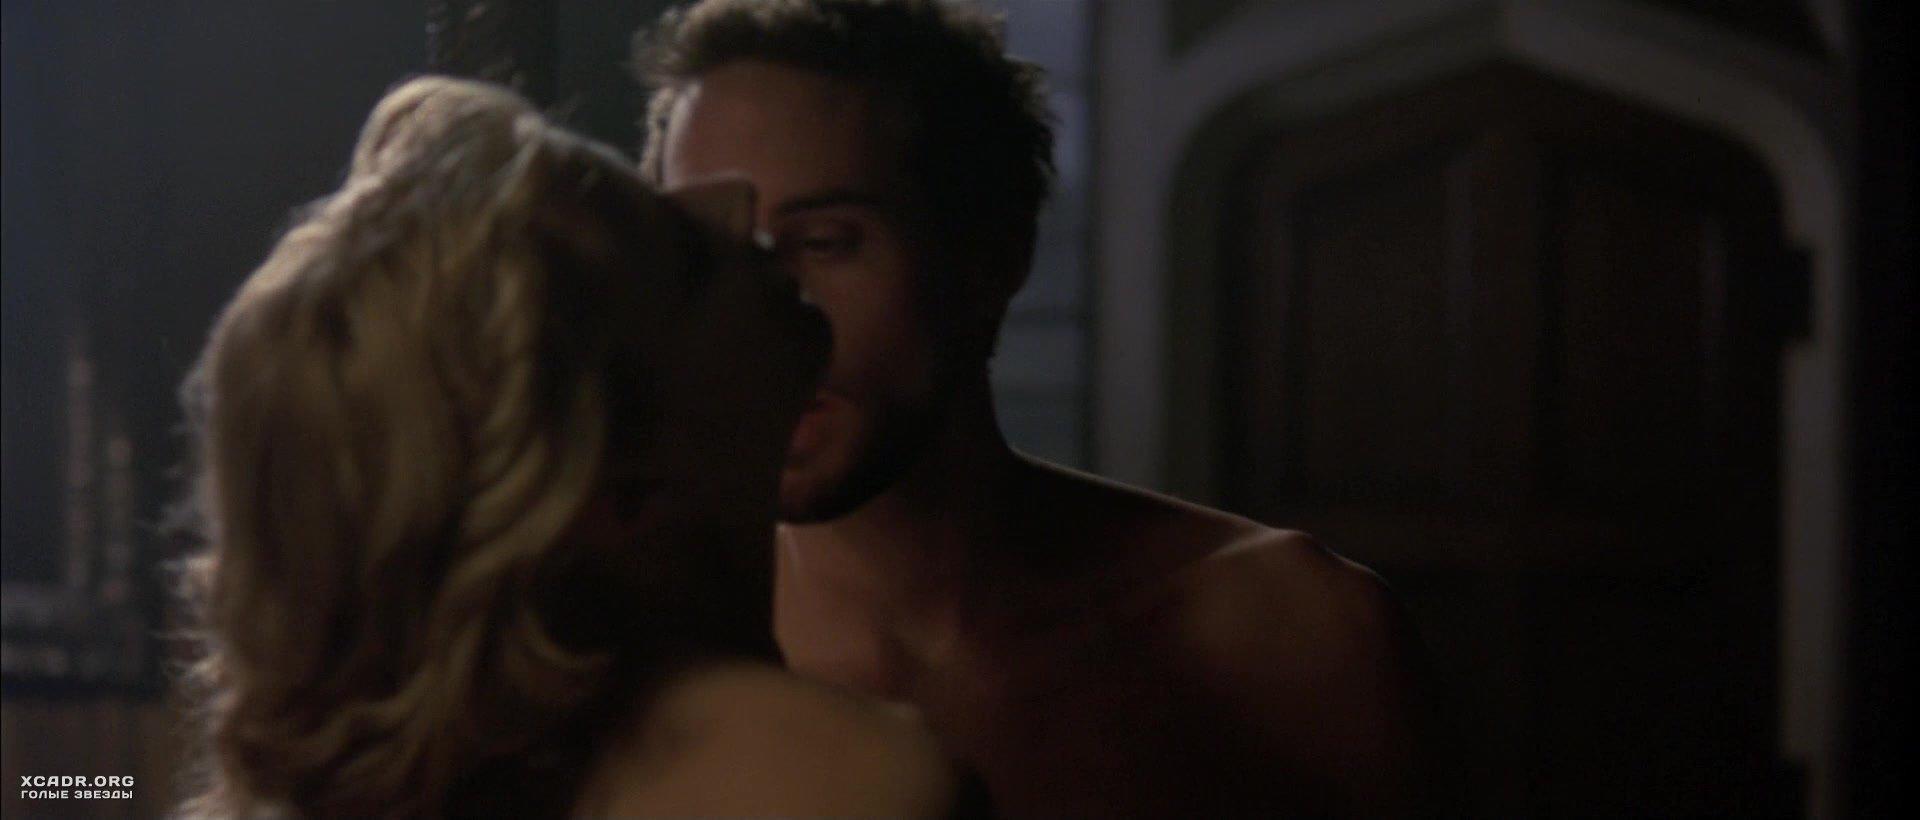 Секс сцены из кино знаменитостей 156